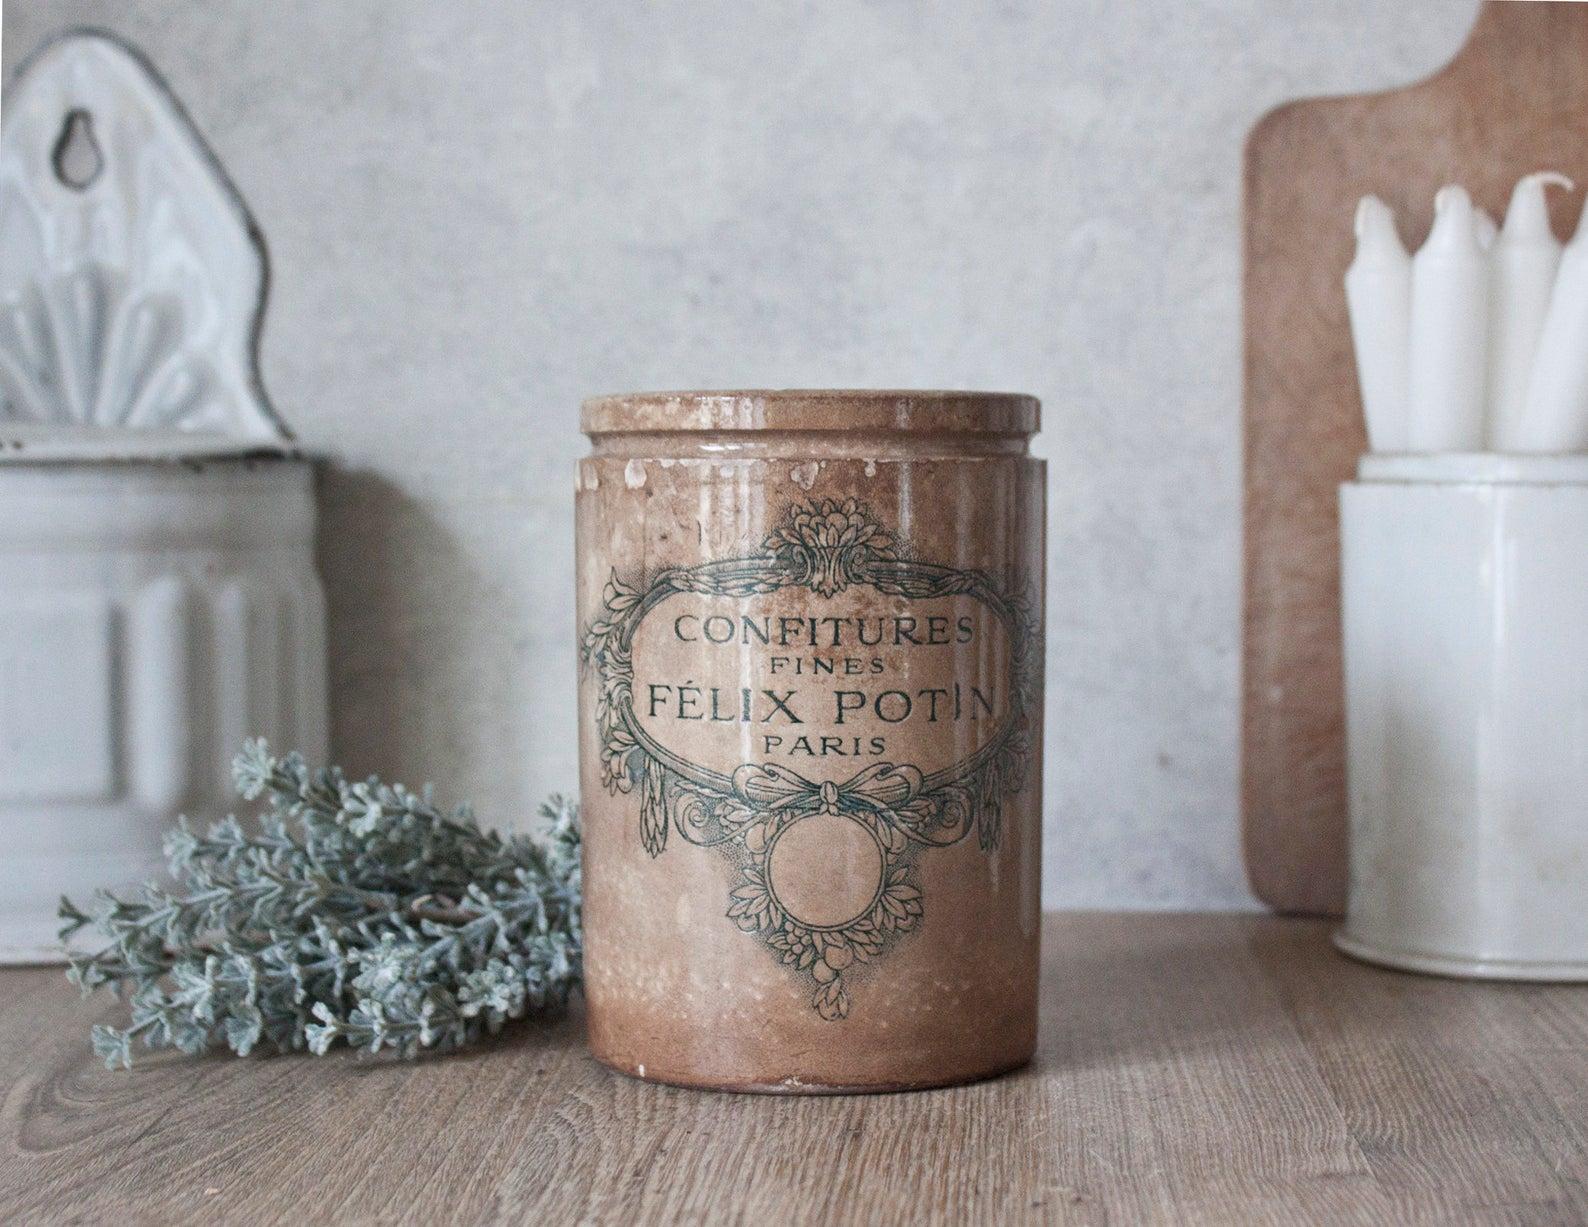 Vintage Felix Potin stoneware jar from France